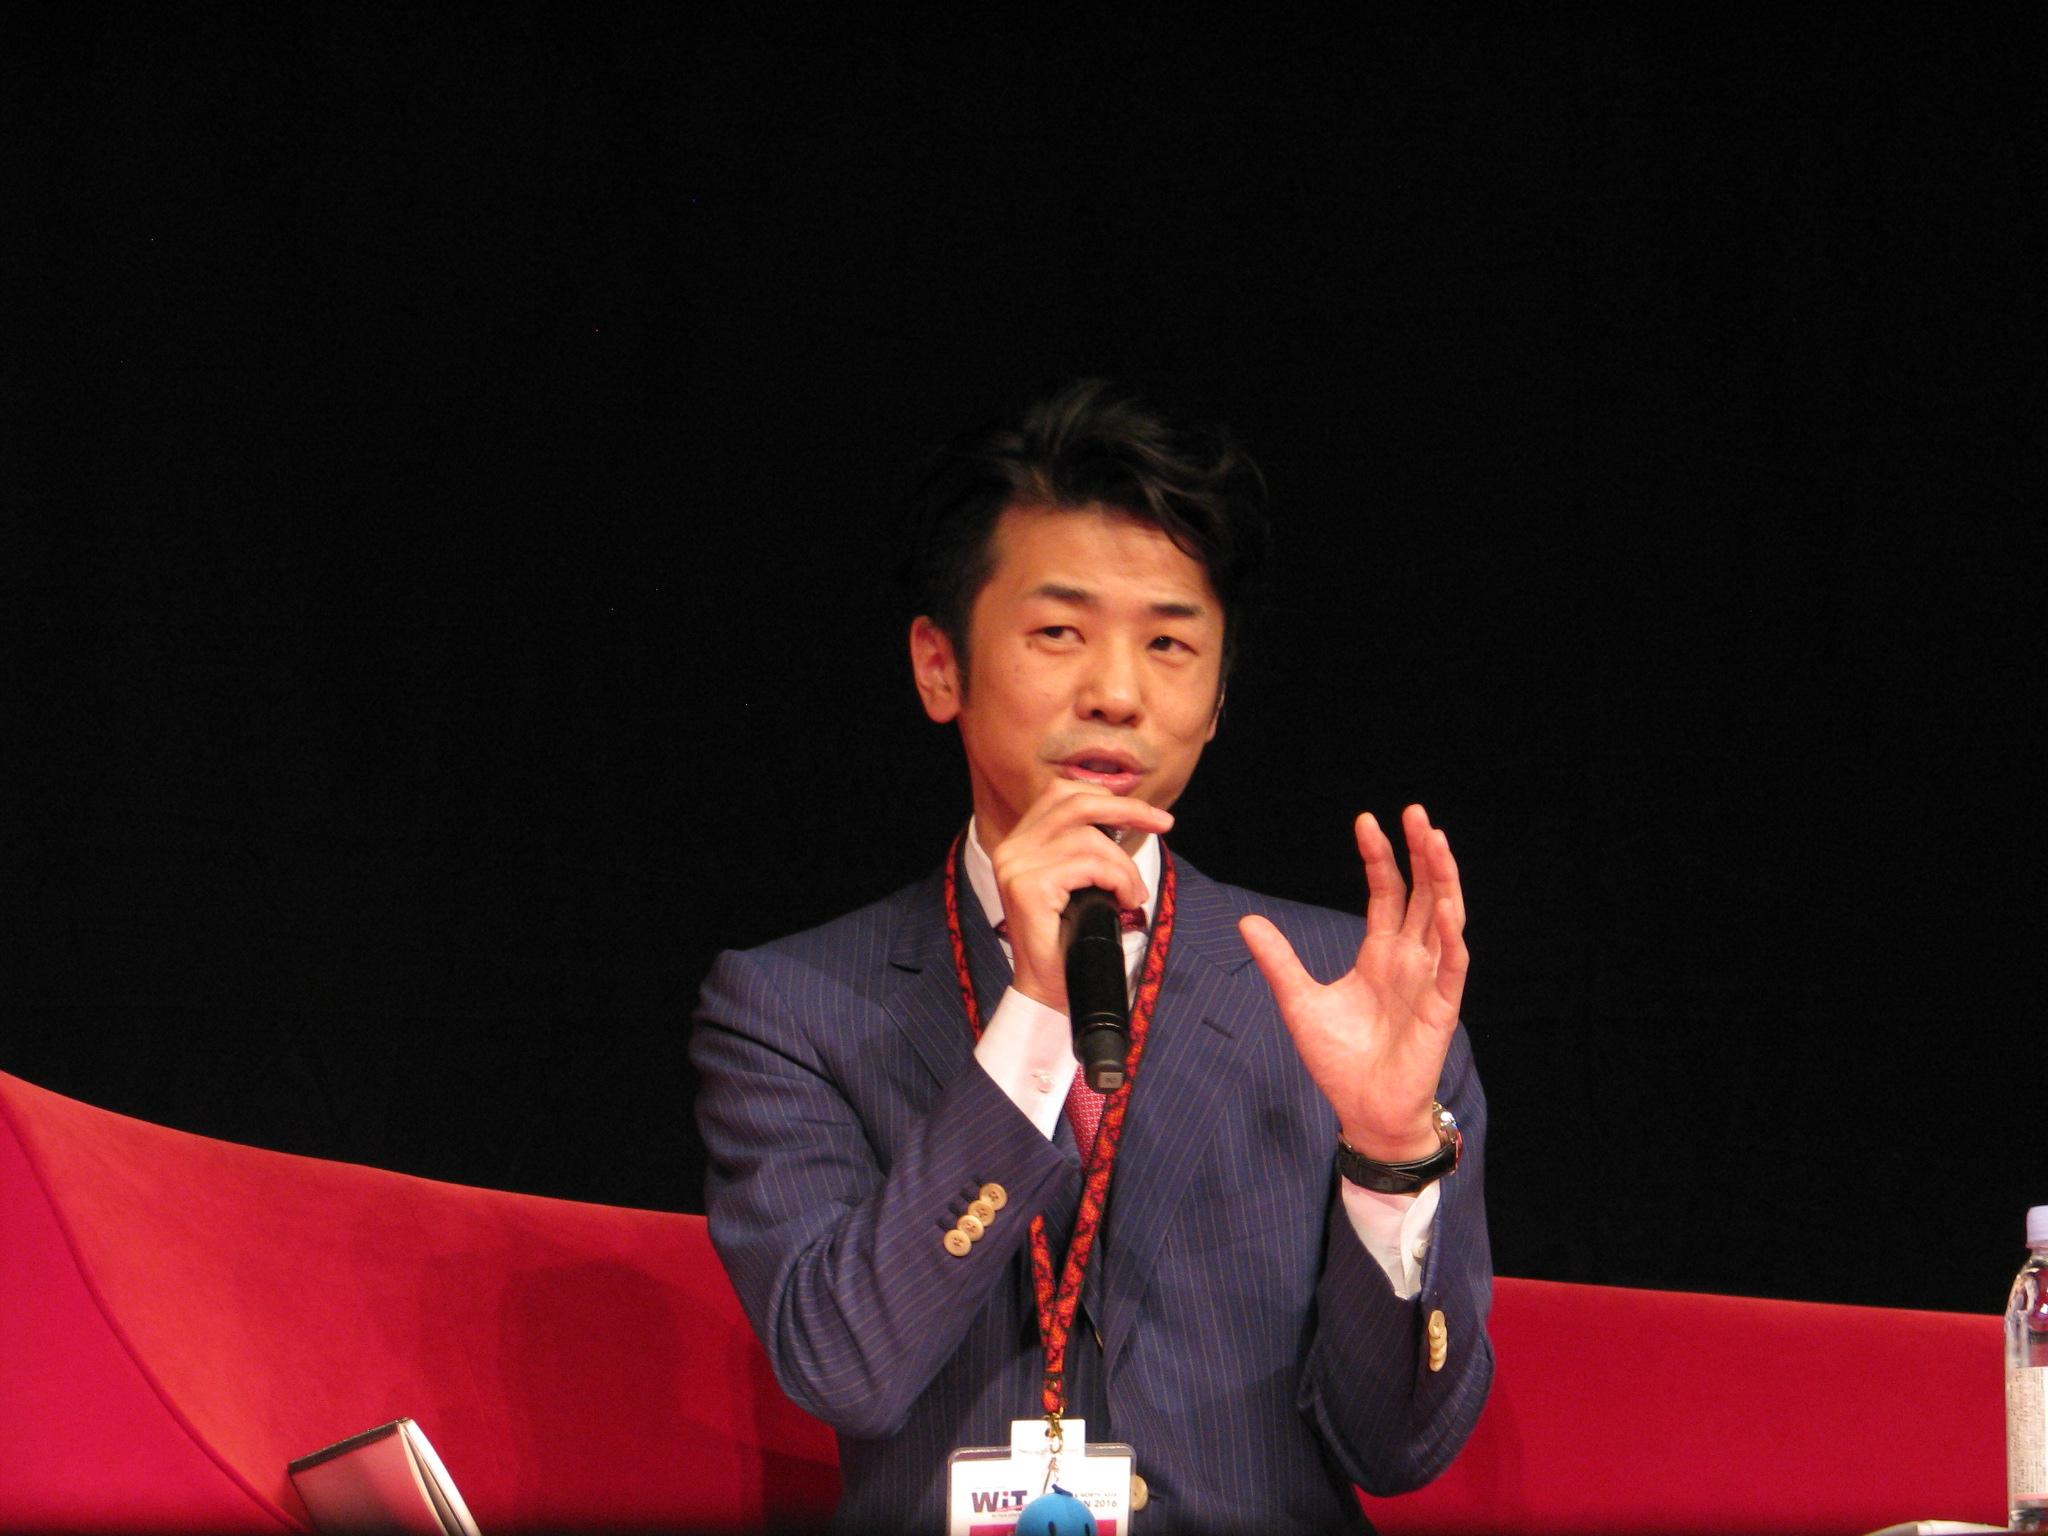 楽天、新たなトラベル事業長に髙野芳行氏、2017年1月1日付で 【人事】